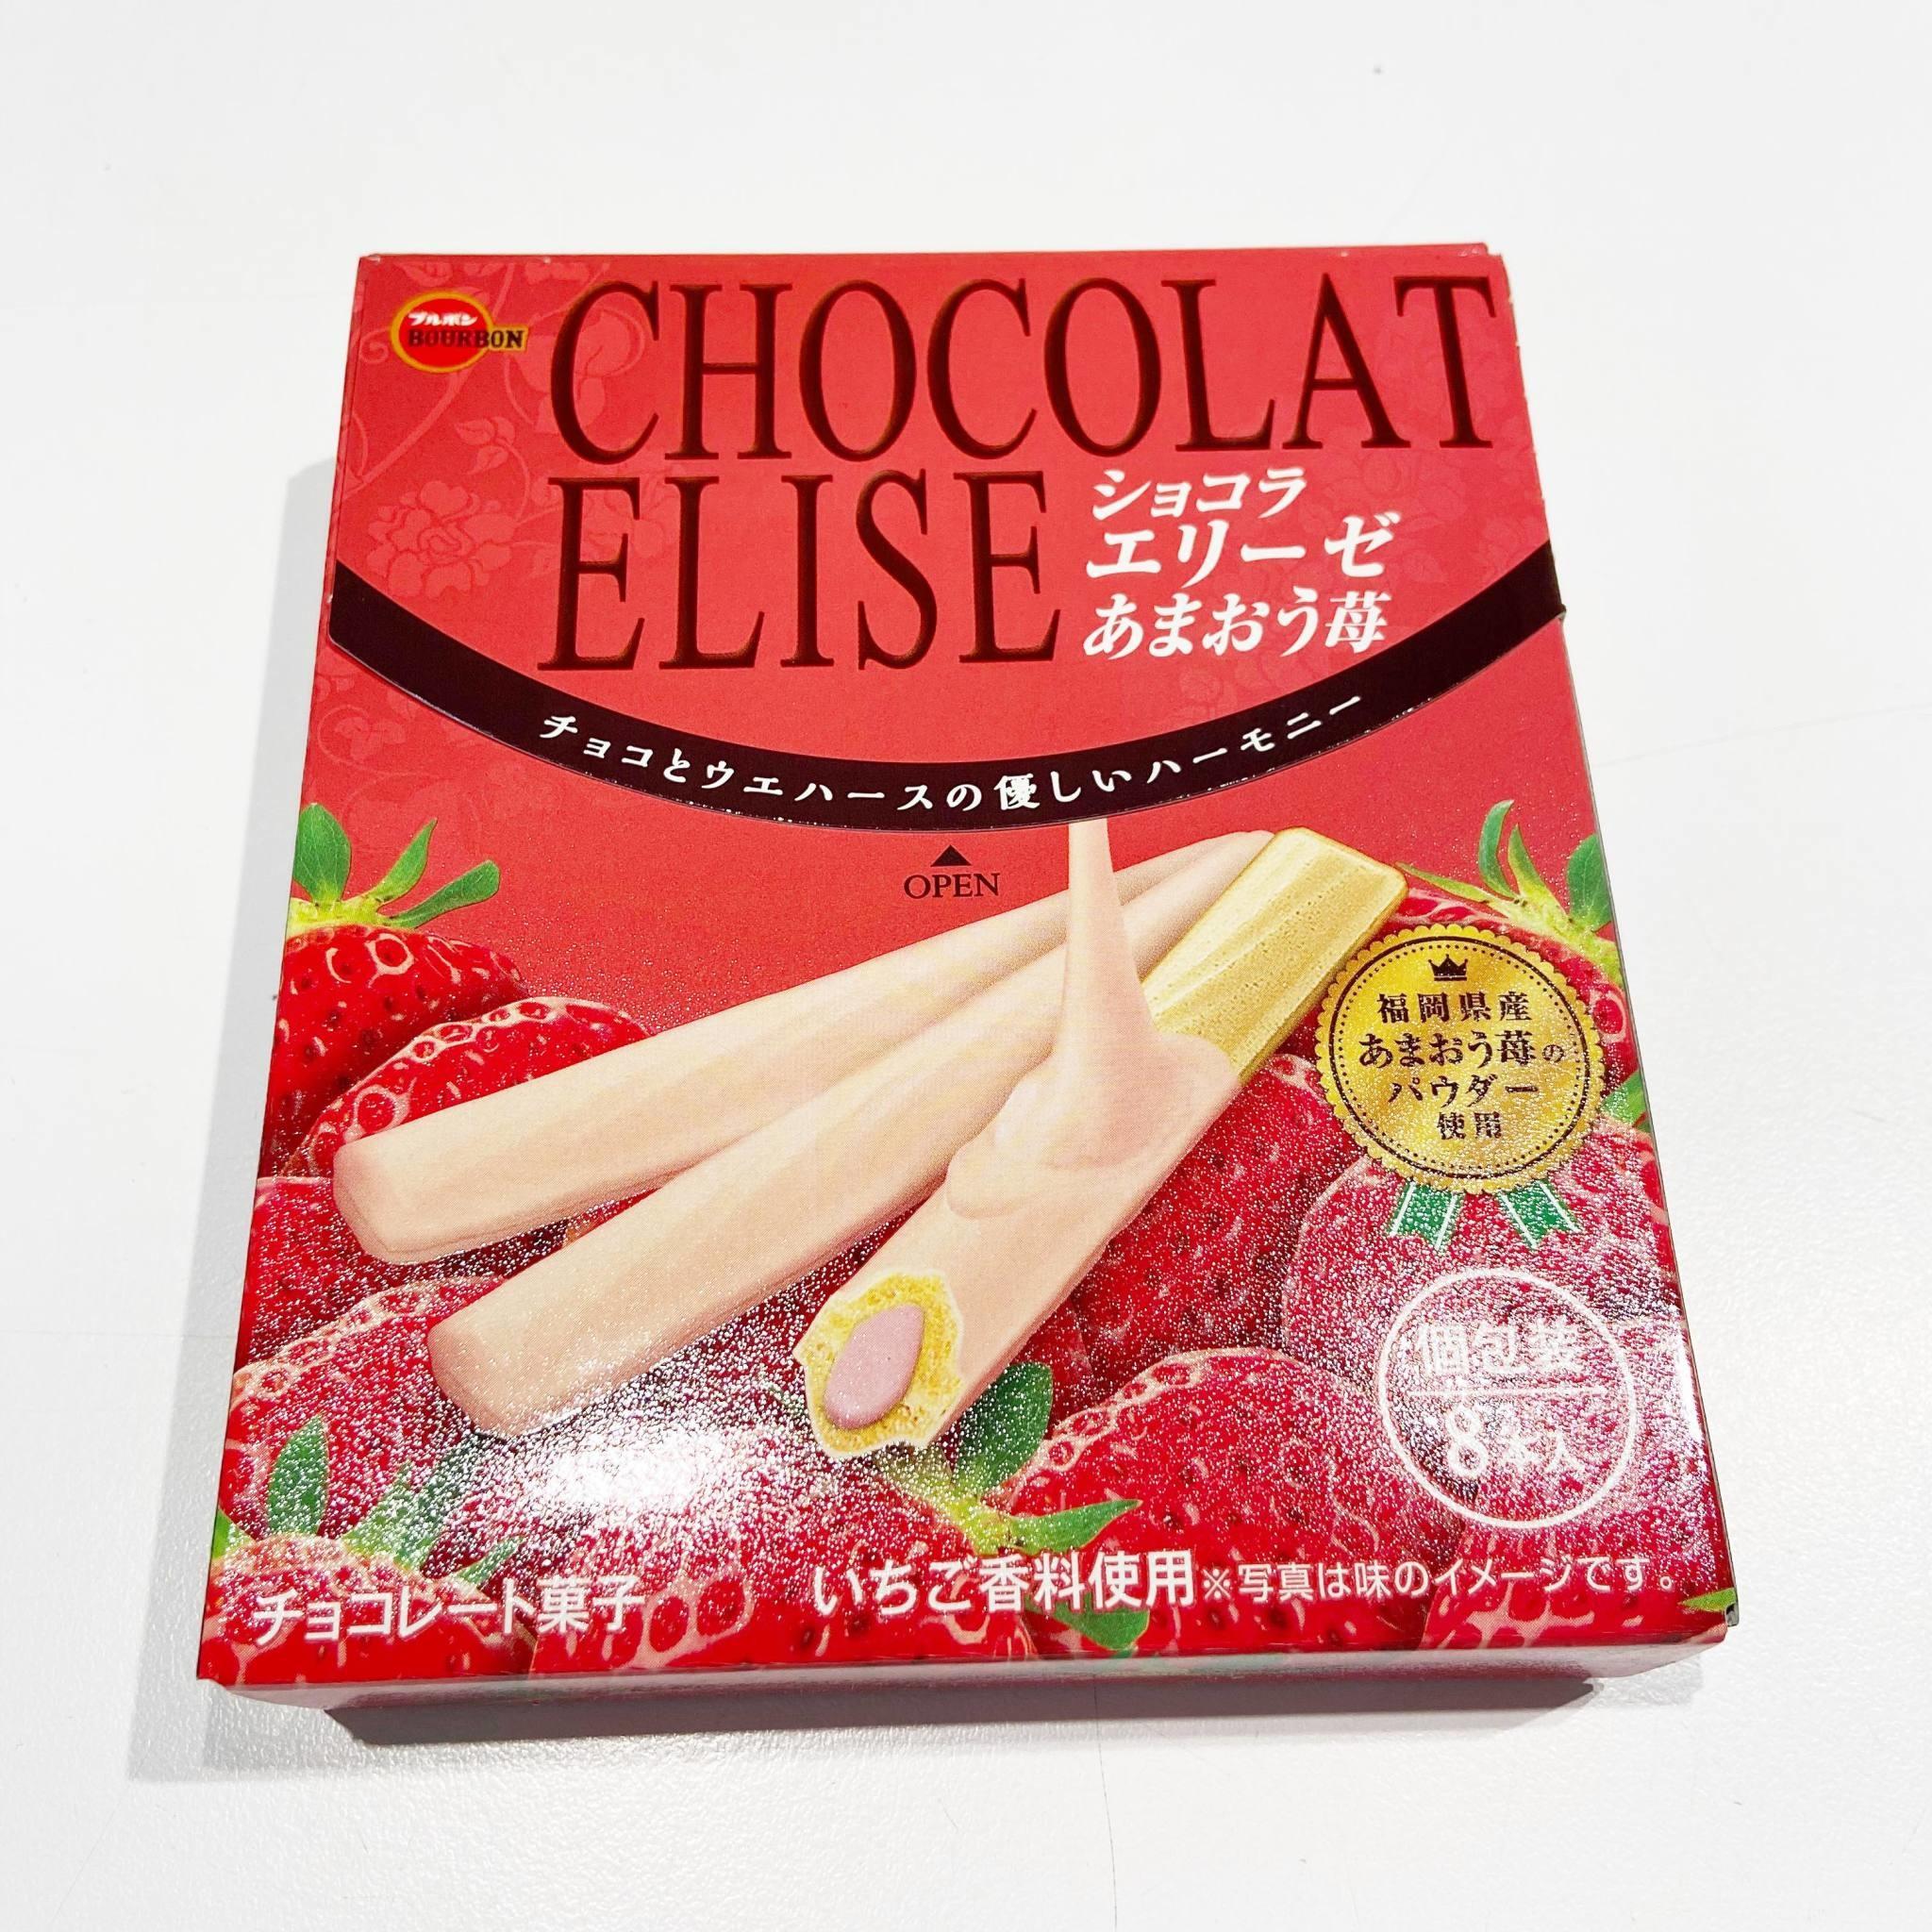 Bourbon Chocolat Elise Ichigo Amao